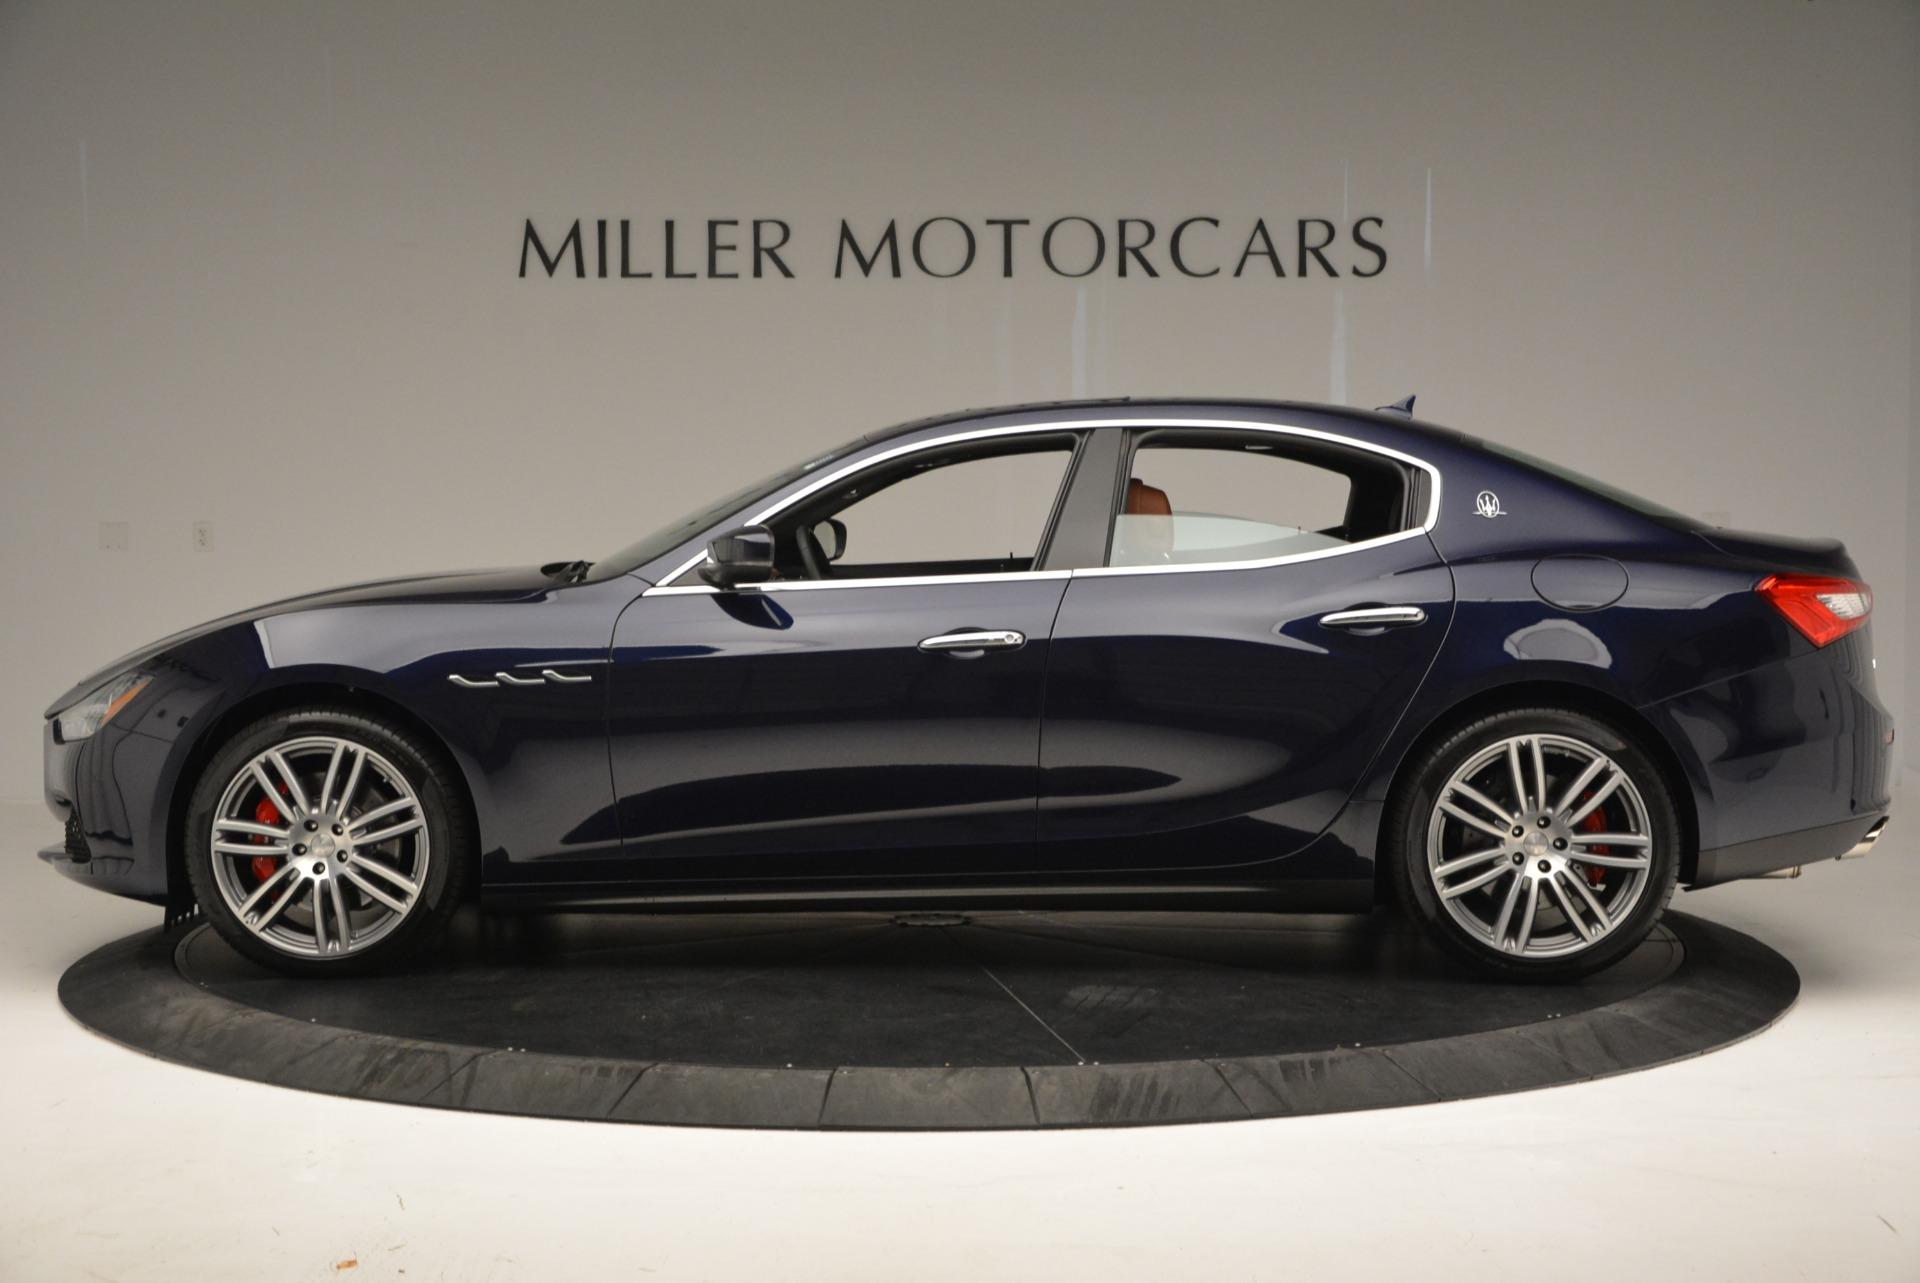 New 2019 Maserati Ghibli S Q4 For Sale In Greenwich, CT 2606_p3